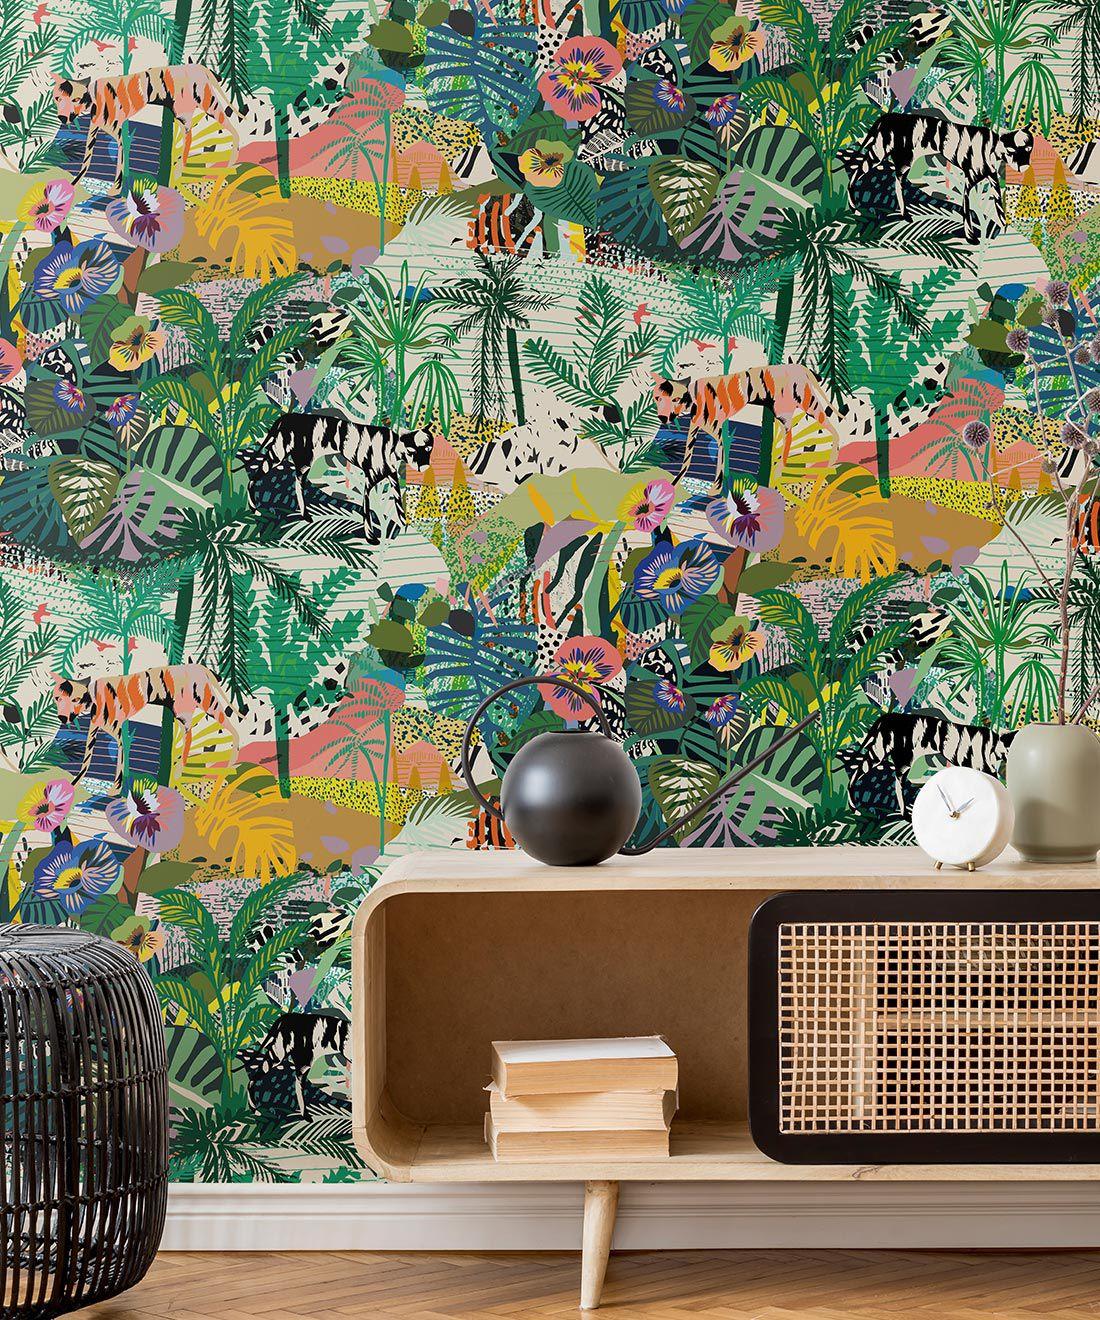 Utopia wallpaper • Colorful Tropical Wallpaper • Insitu